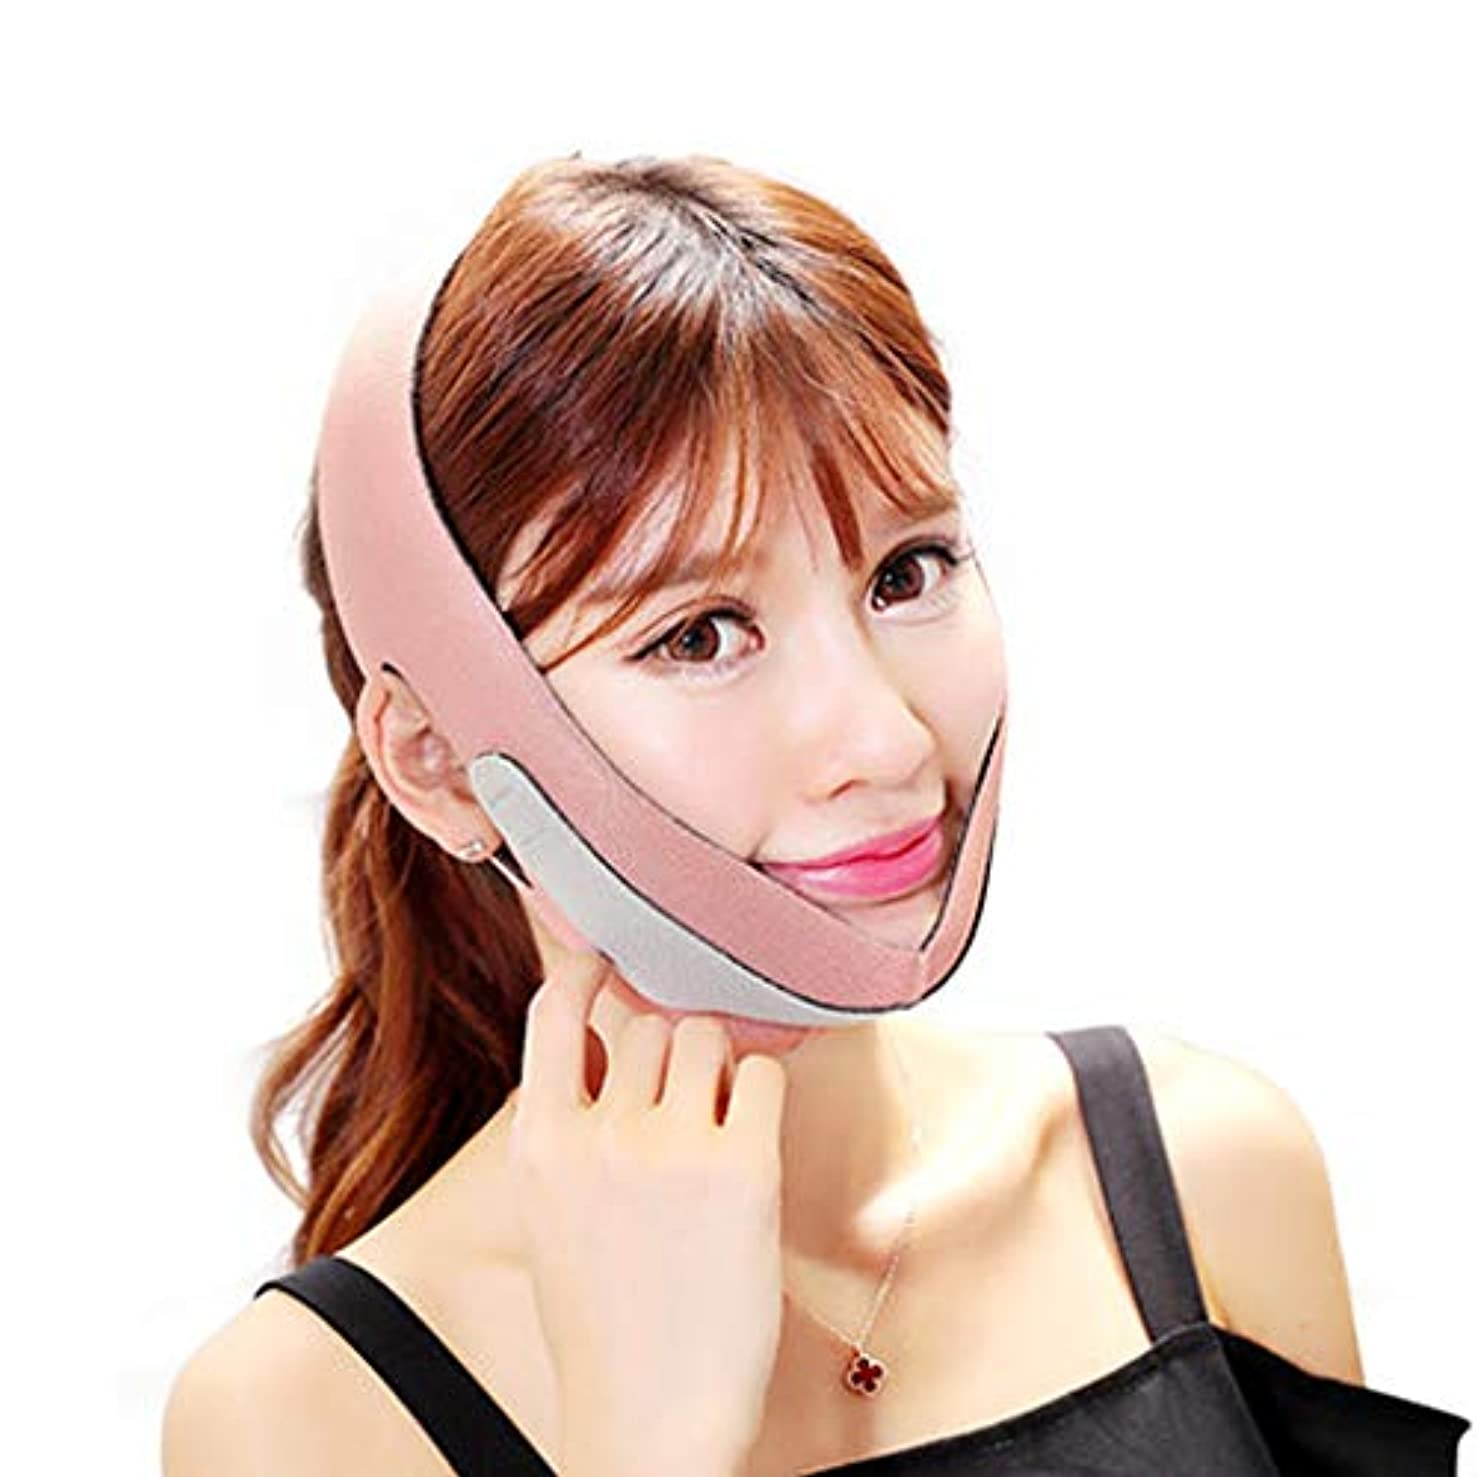 摂動製造討論痩身マスク V 顔ベルトあご頬スリムリフティングアンチしわマスクスリムストラップ